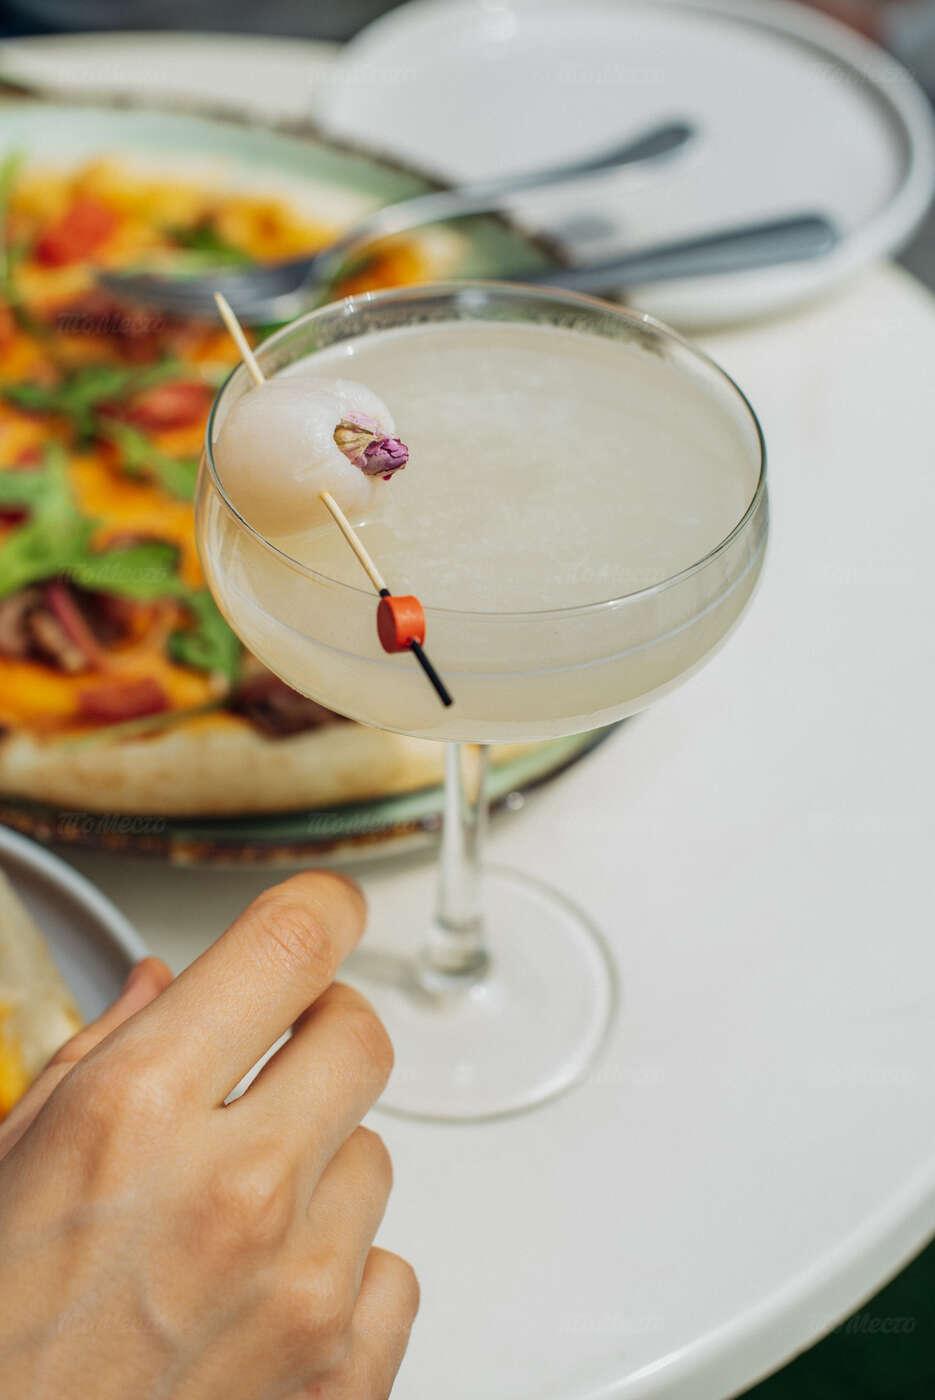 Меню ресторана Masters & Margaritas на 1-ой Тверской-Ямской улице фото 19